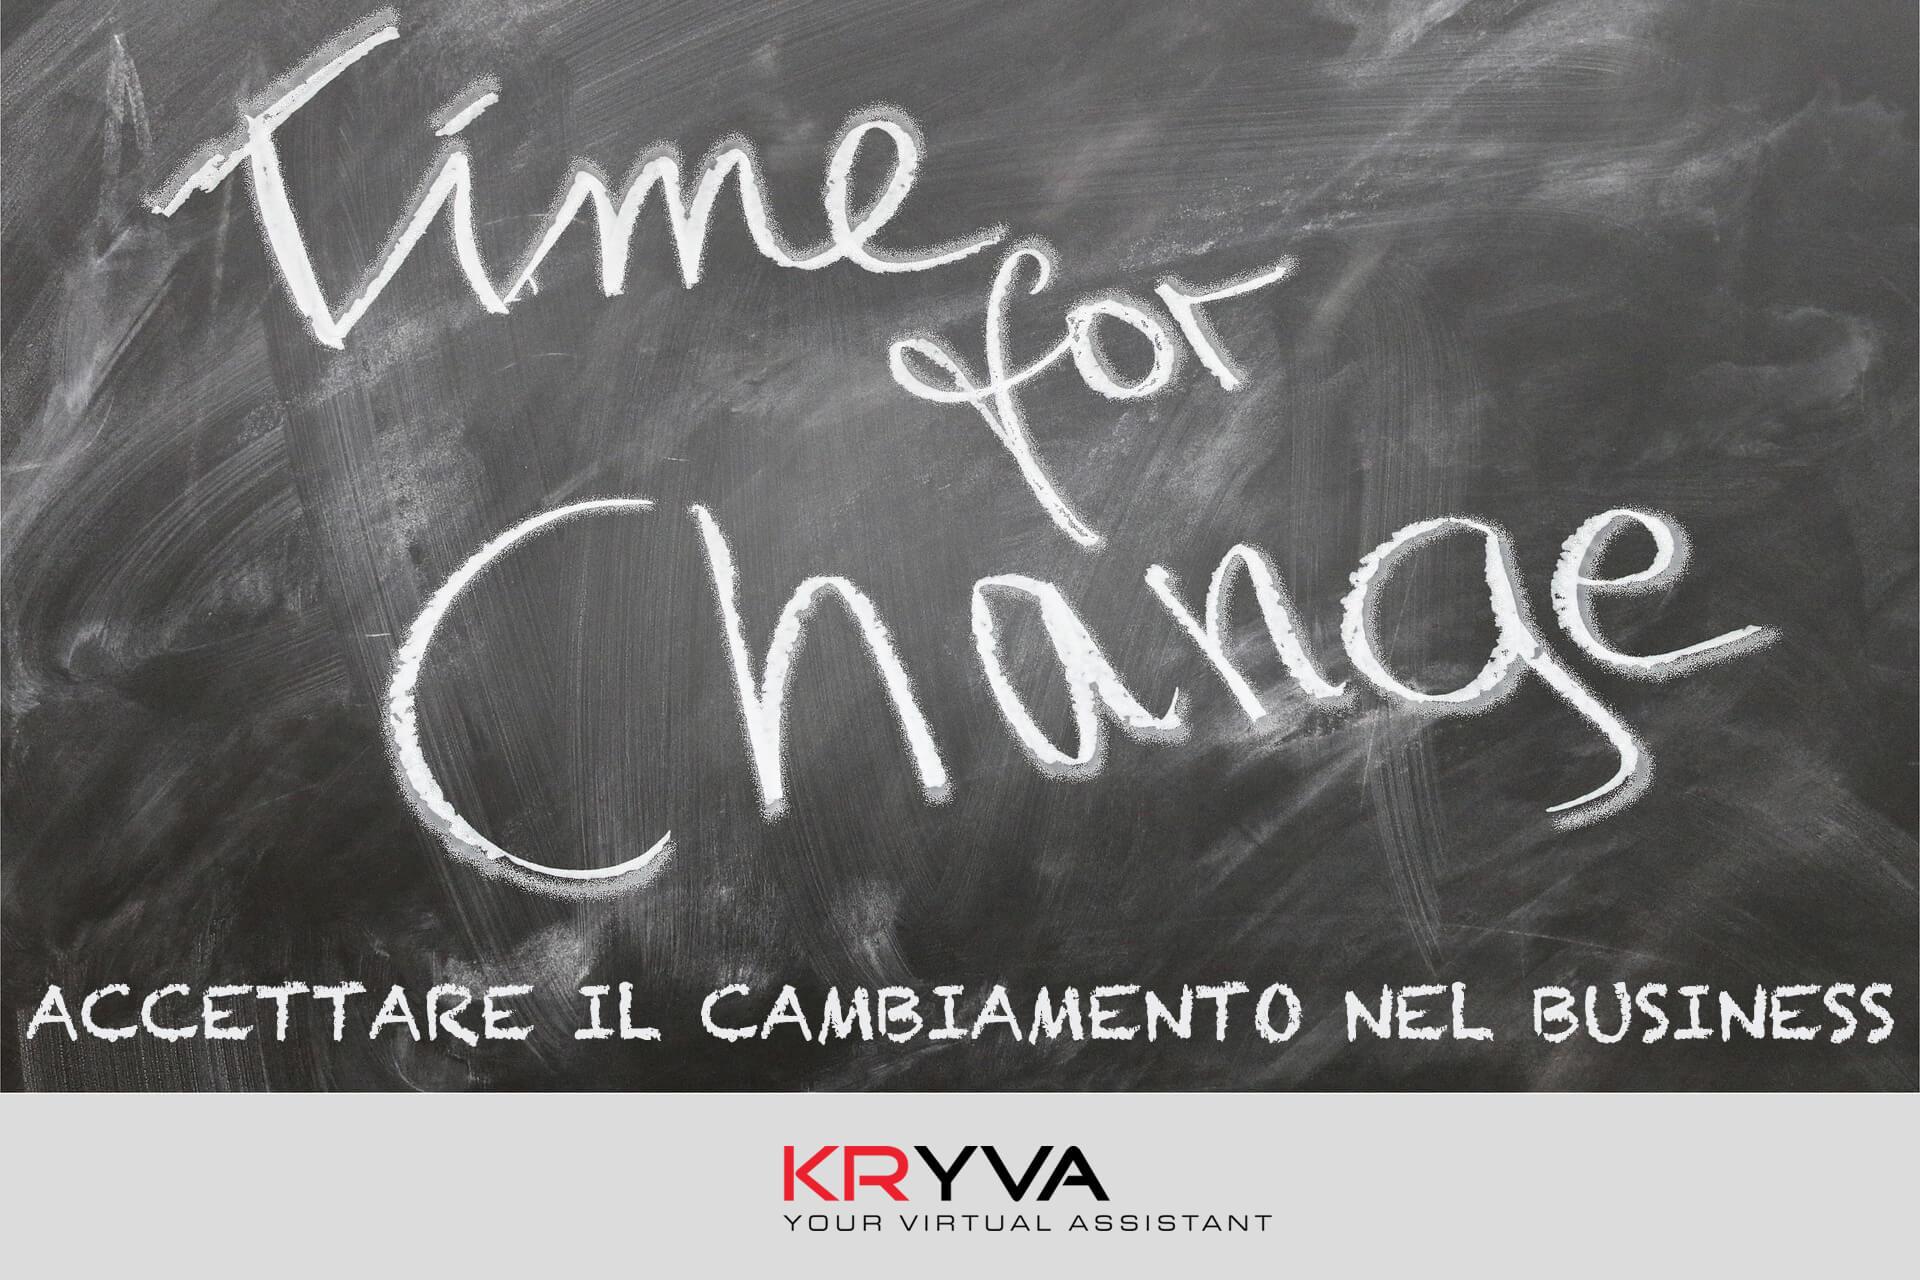 Accettare il cambiamento nel business